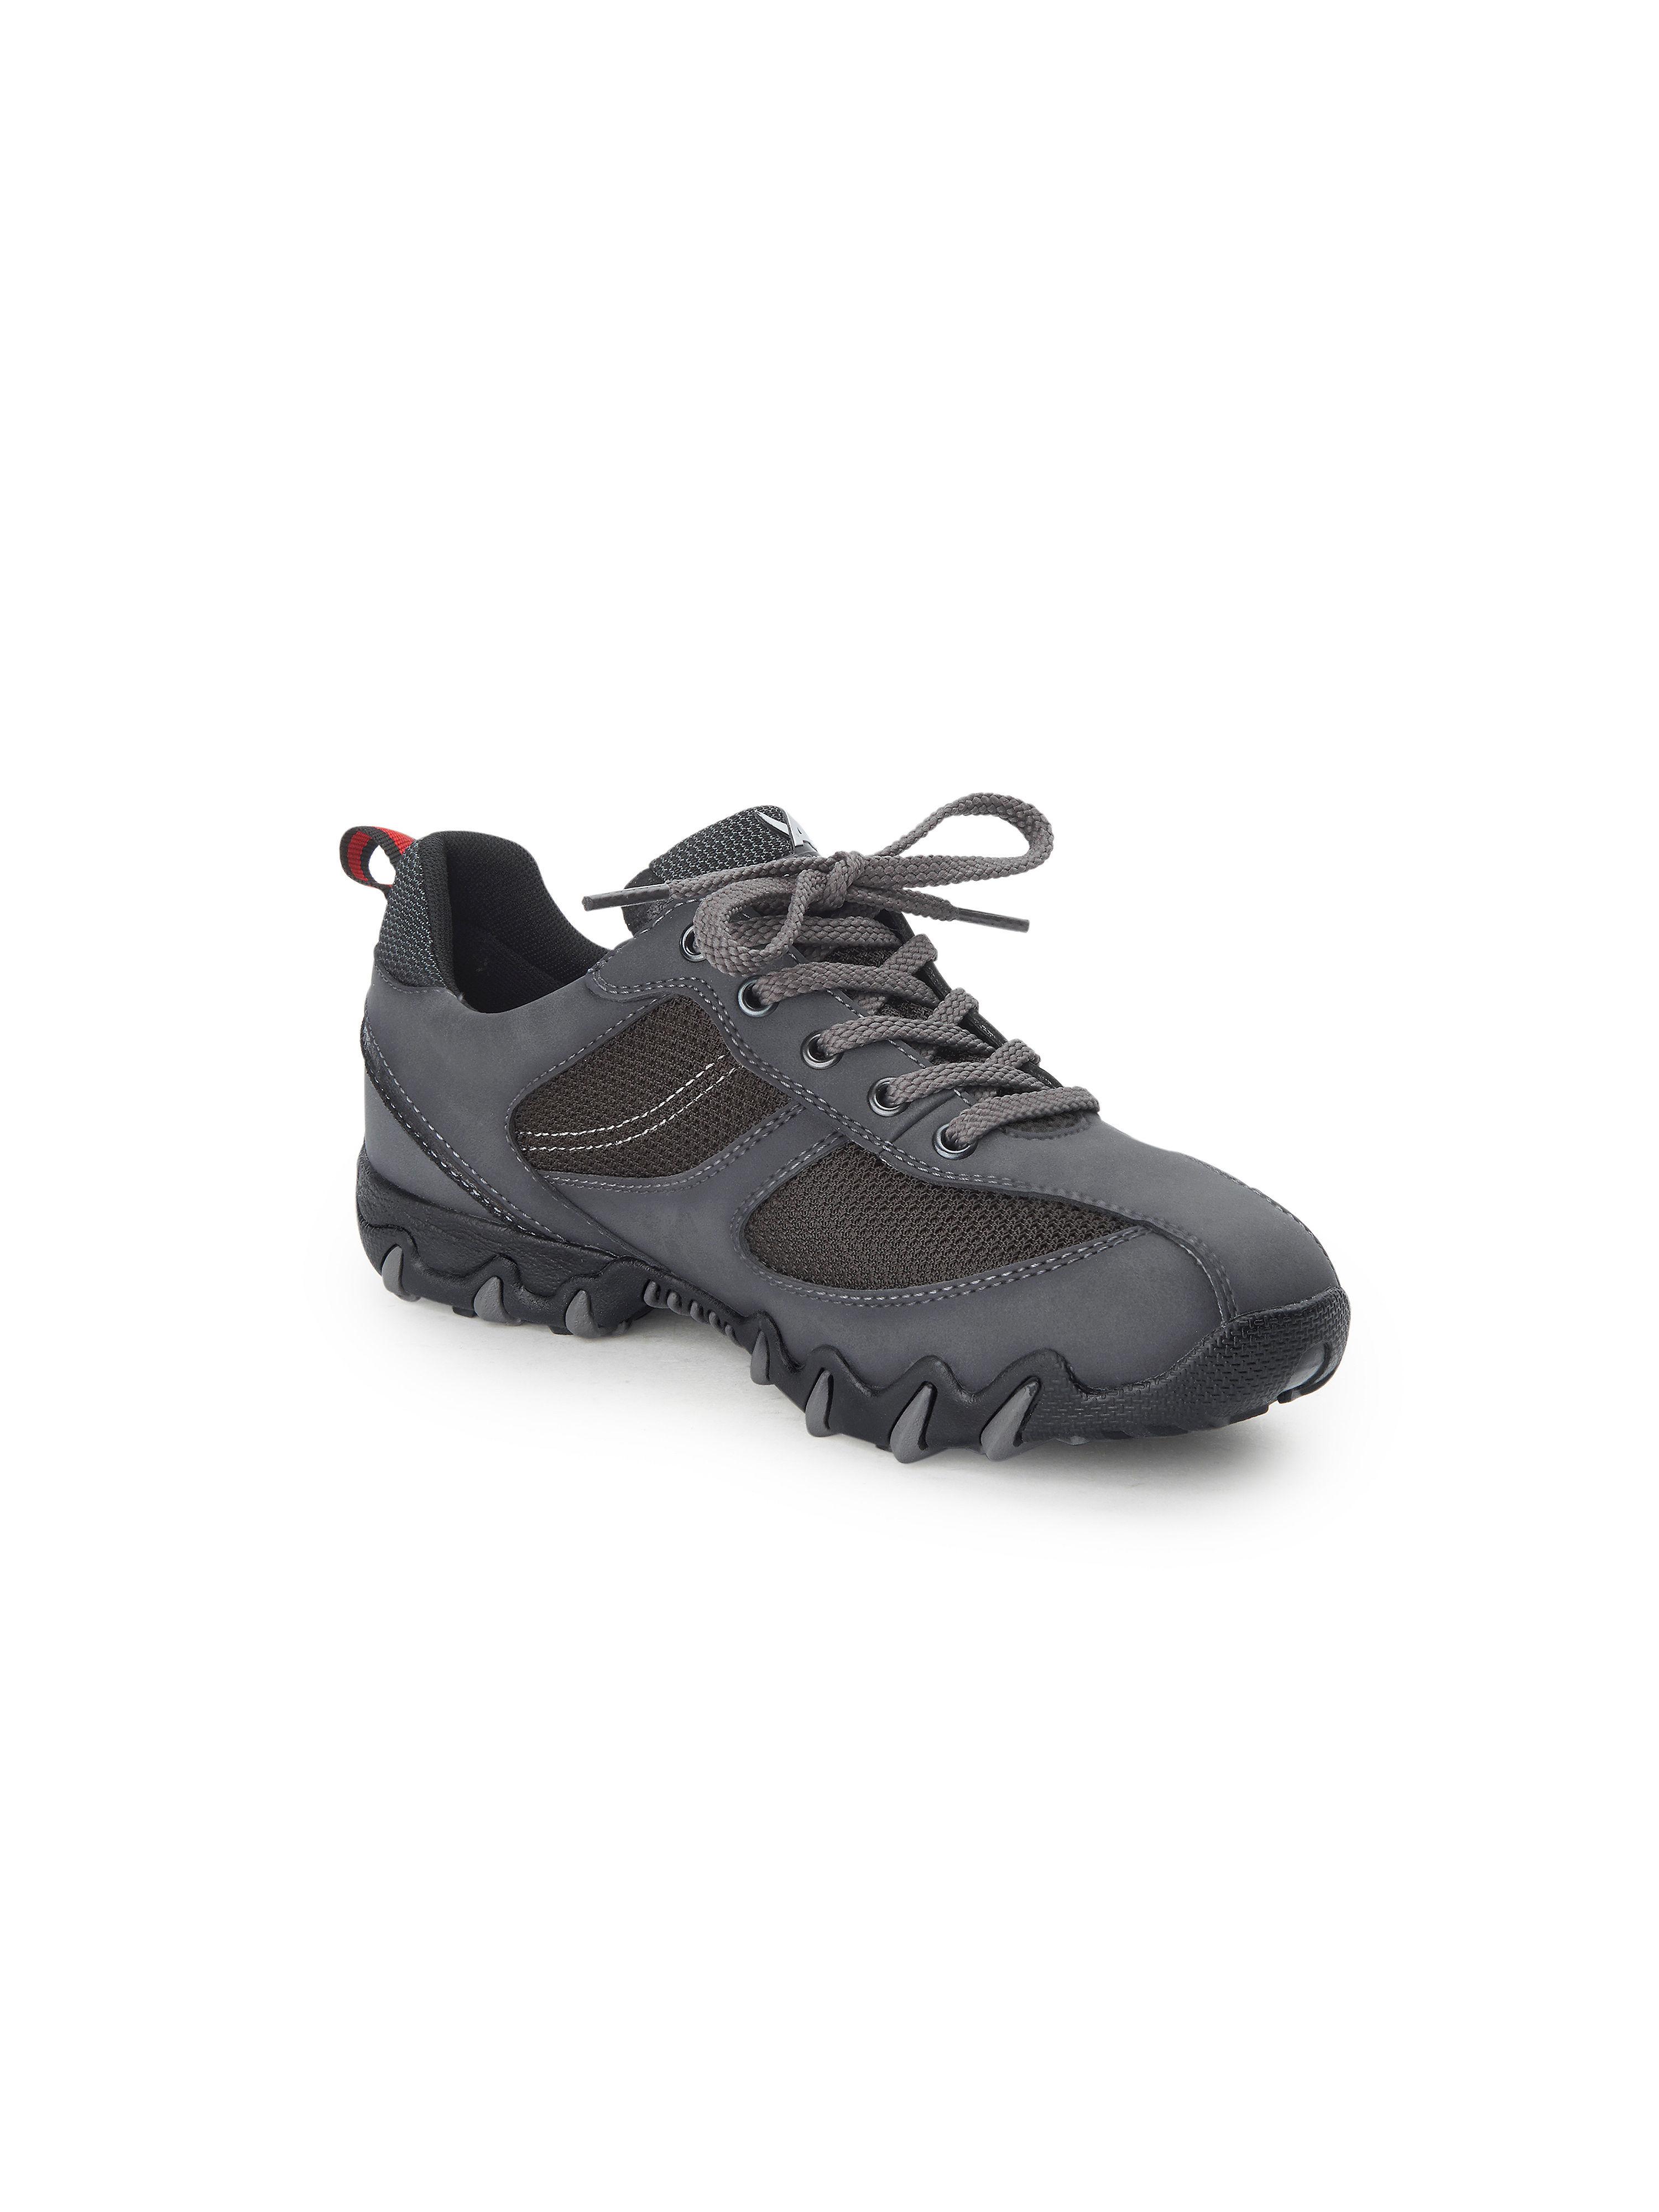 Allrounder - Wasserdichter Freizeitschuh Neba-Tex St. Moritz - Anthrazit Gute Qualität beliebte Schuhe